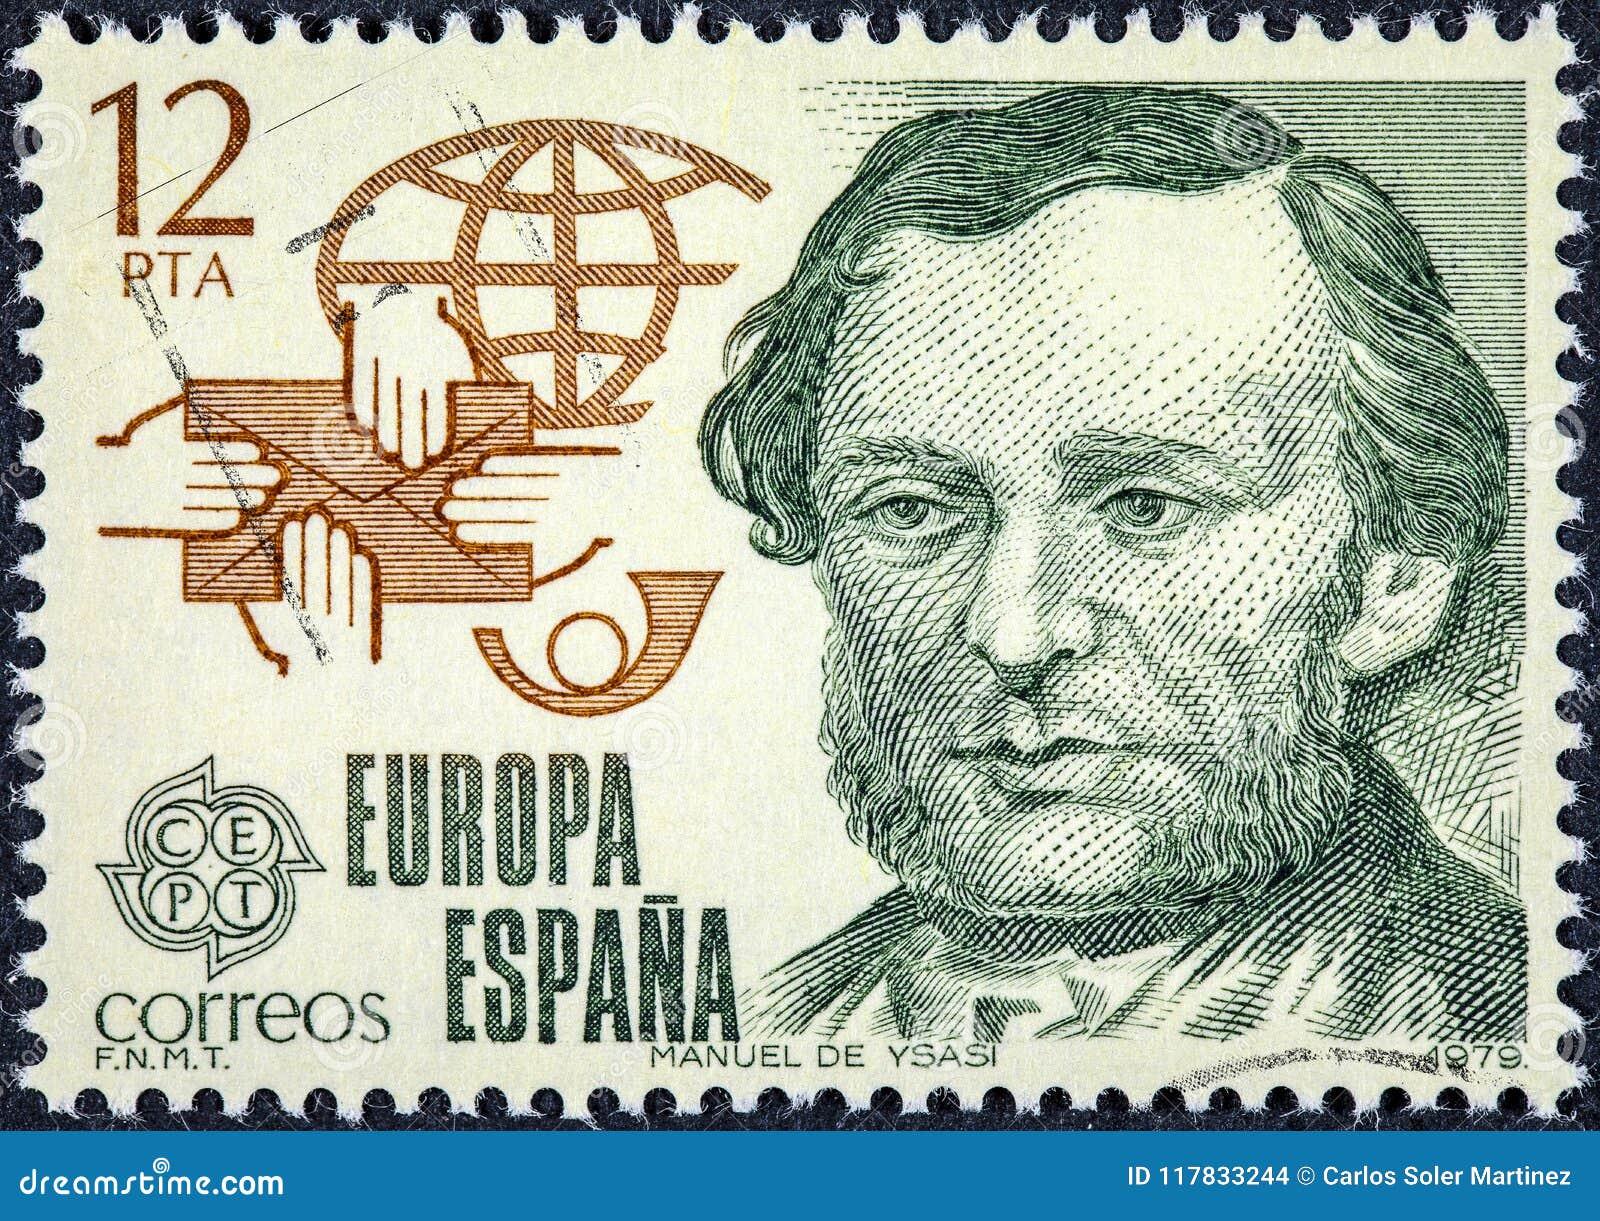 Znaczek drukujący w Hiszpania pokazuje Manuel De Ysasi